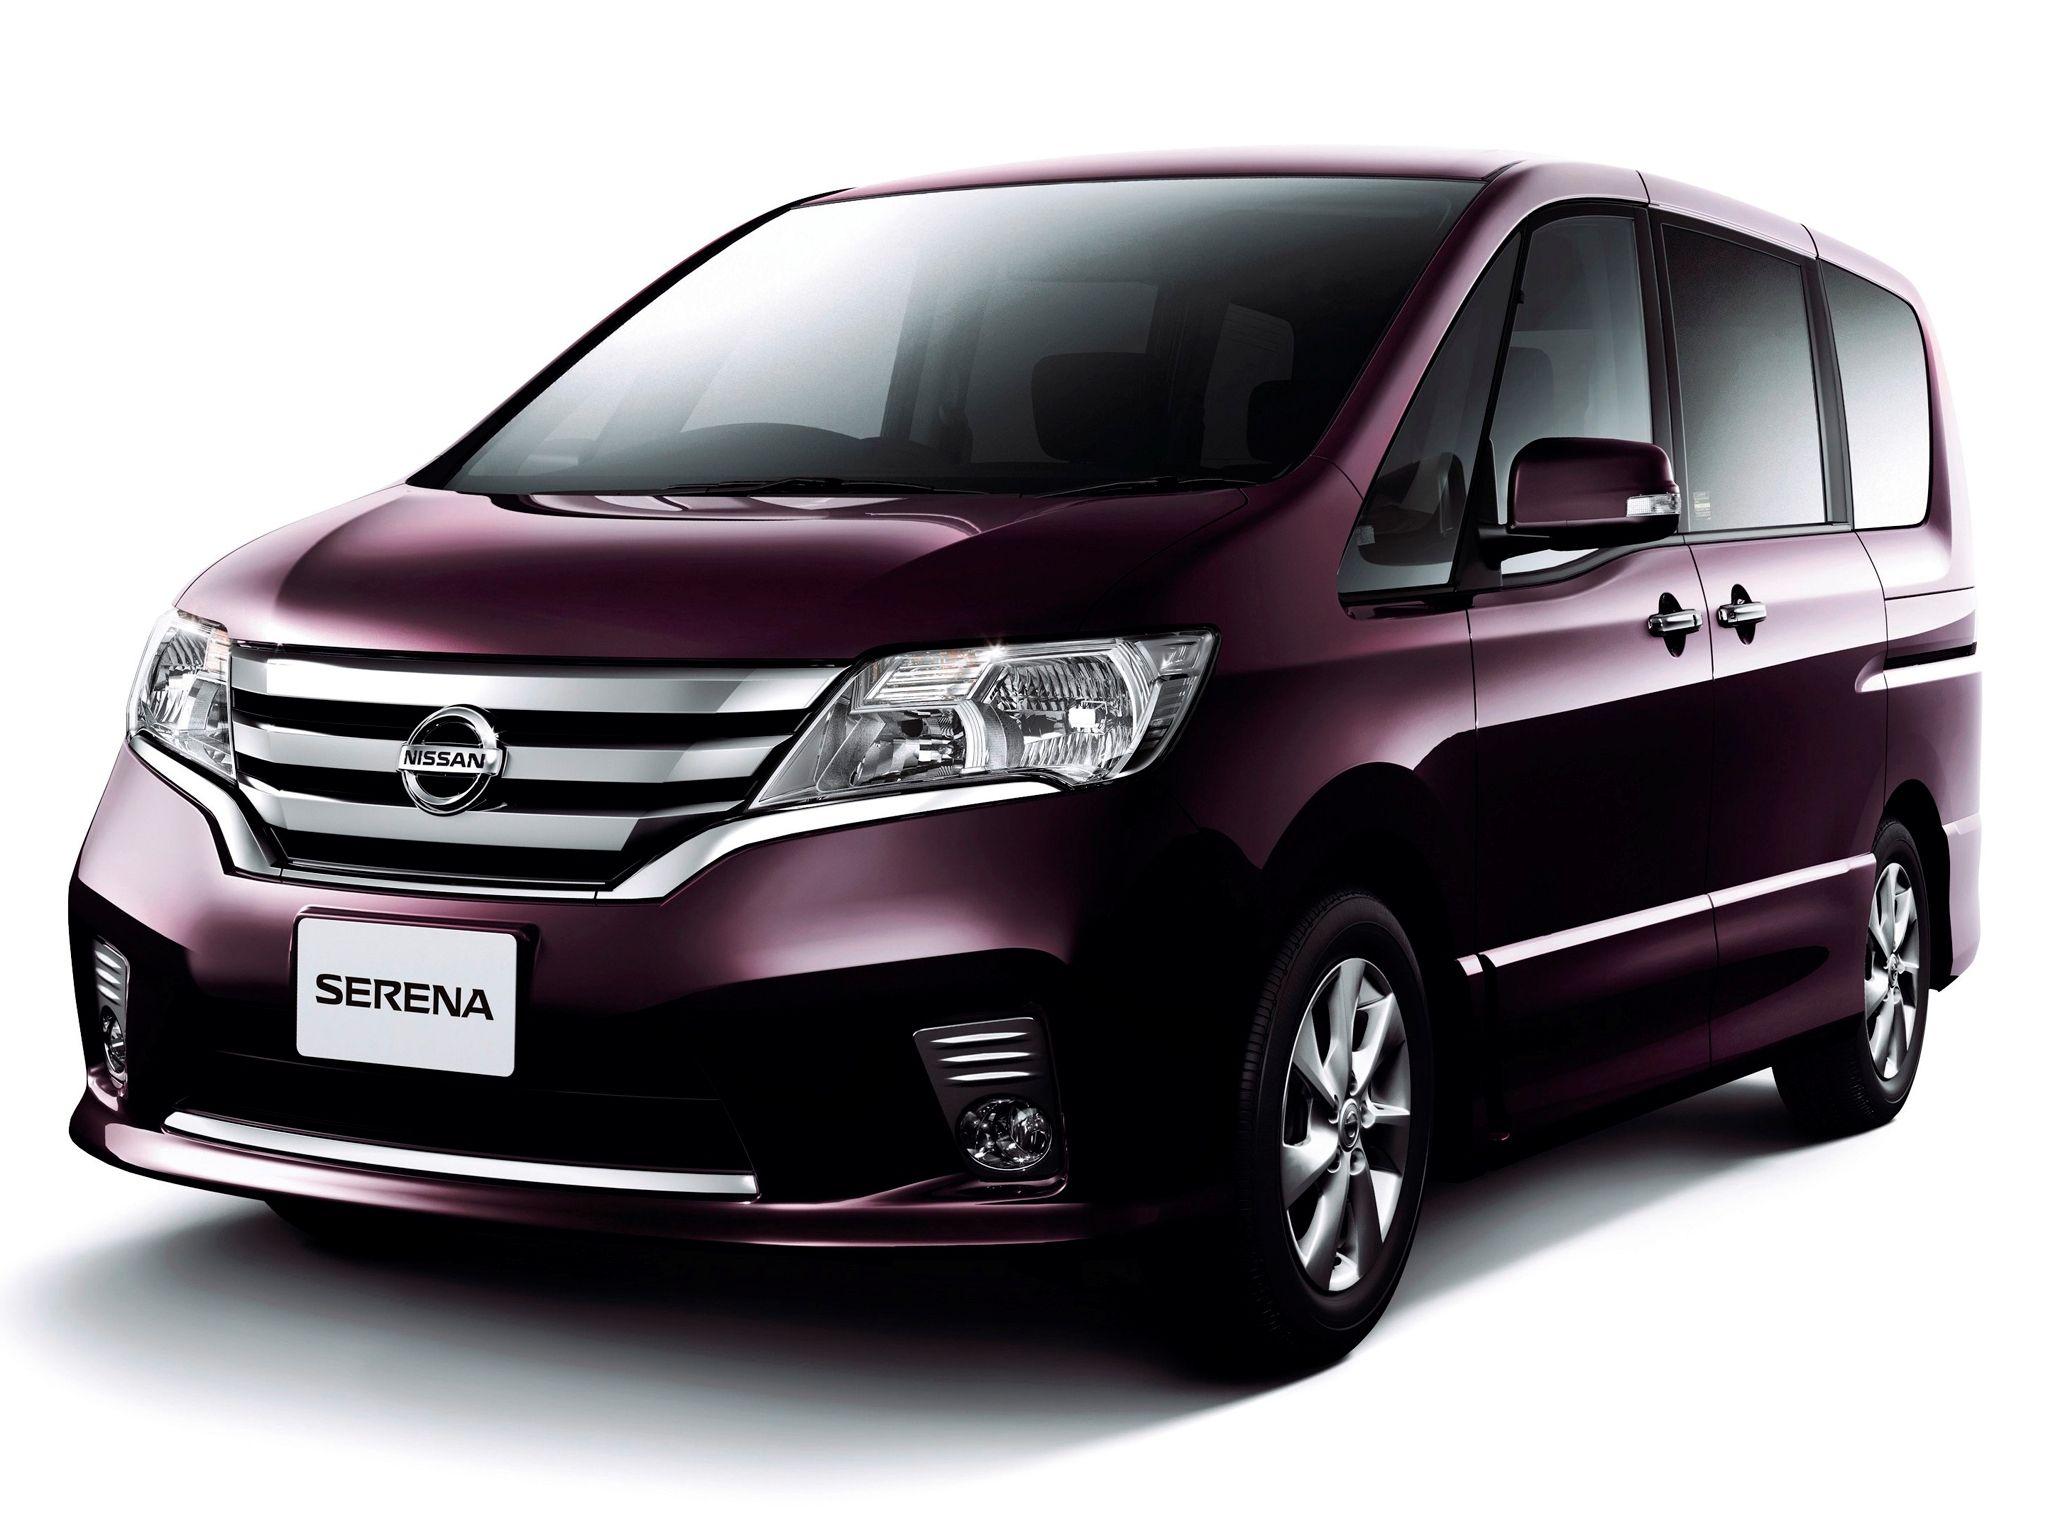 Nissan Serena Highway Star C26 2010